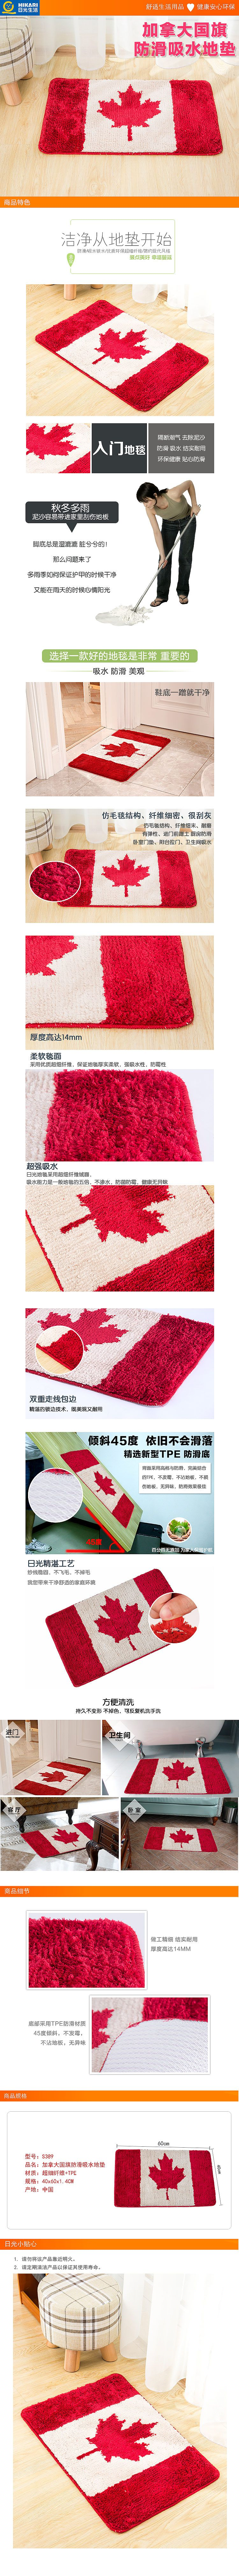 加拿大国旗简笔画图片